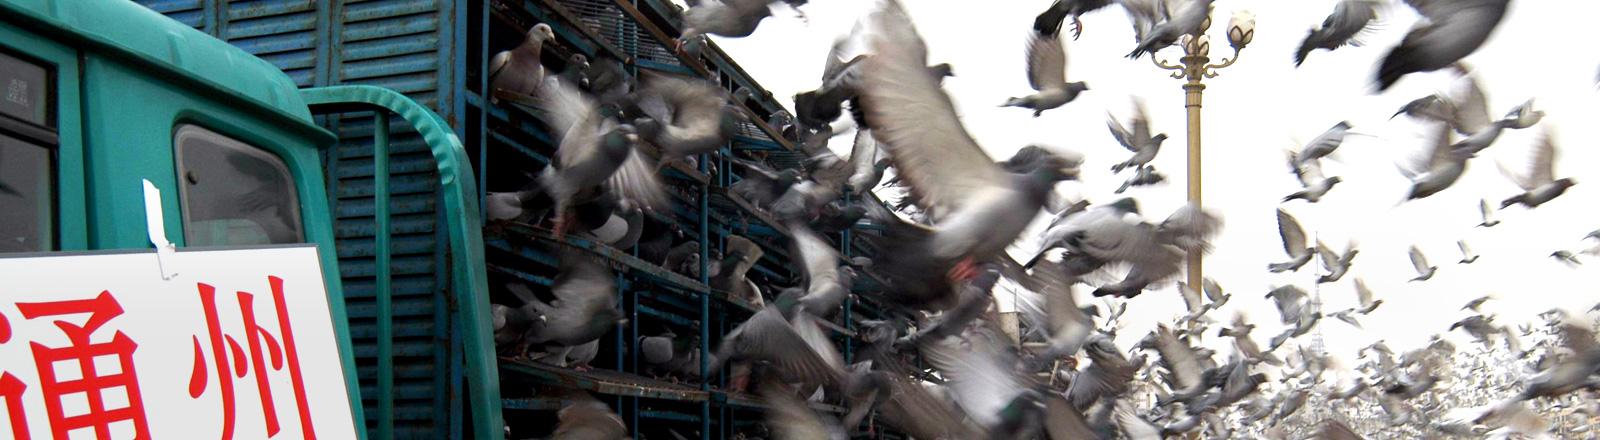 Aus einem LKW fliegen tausende Tauben